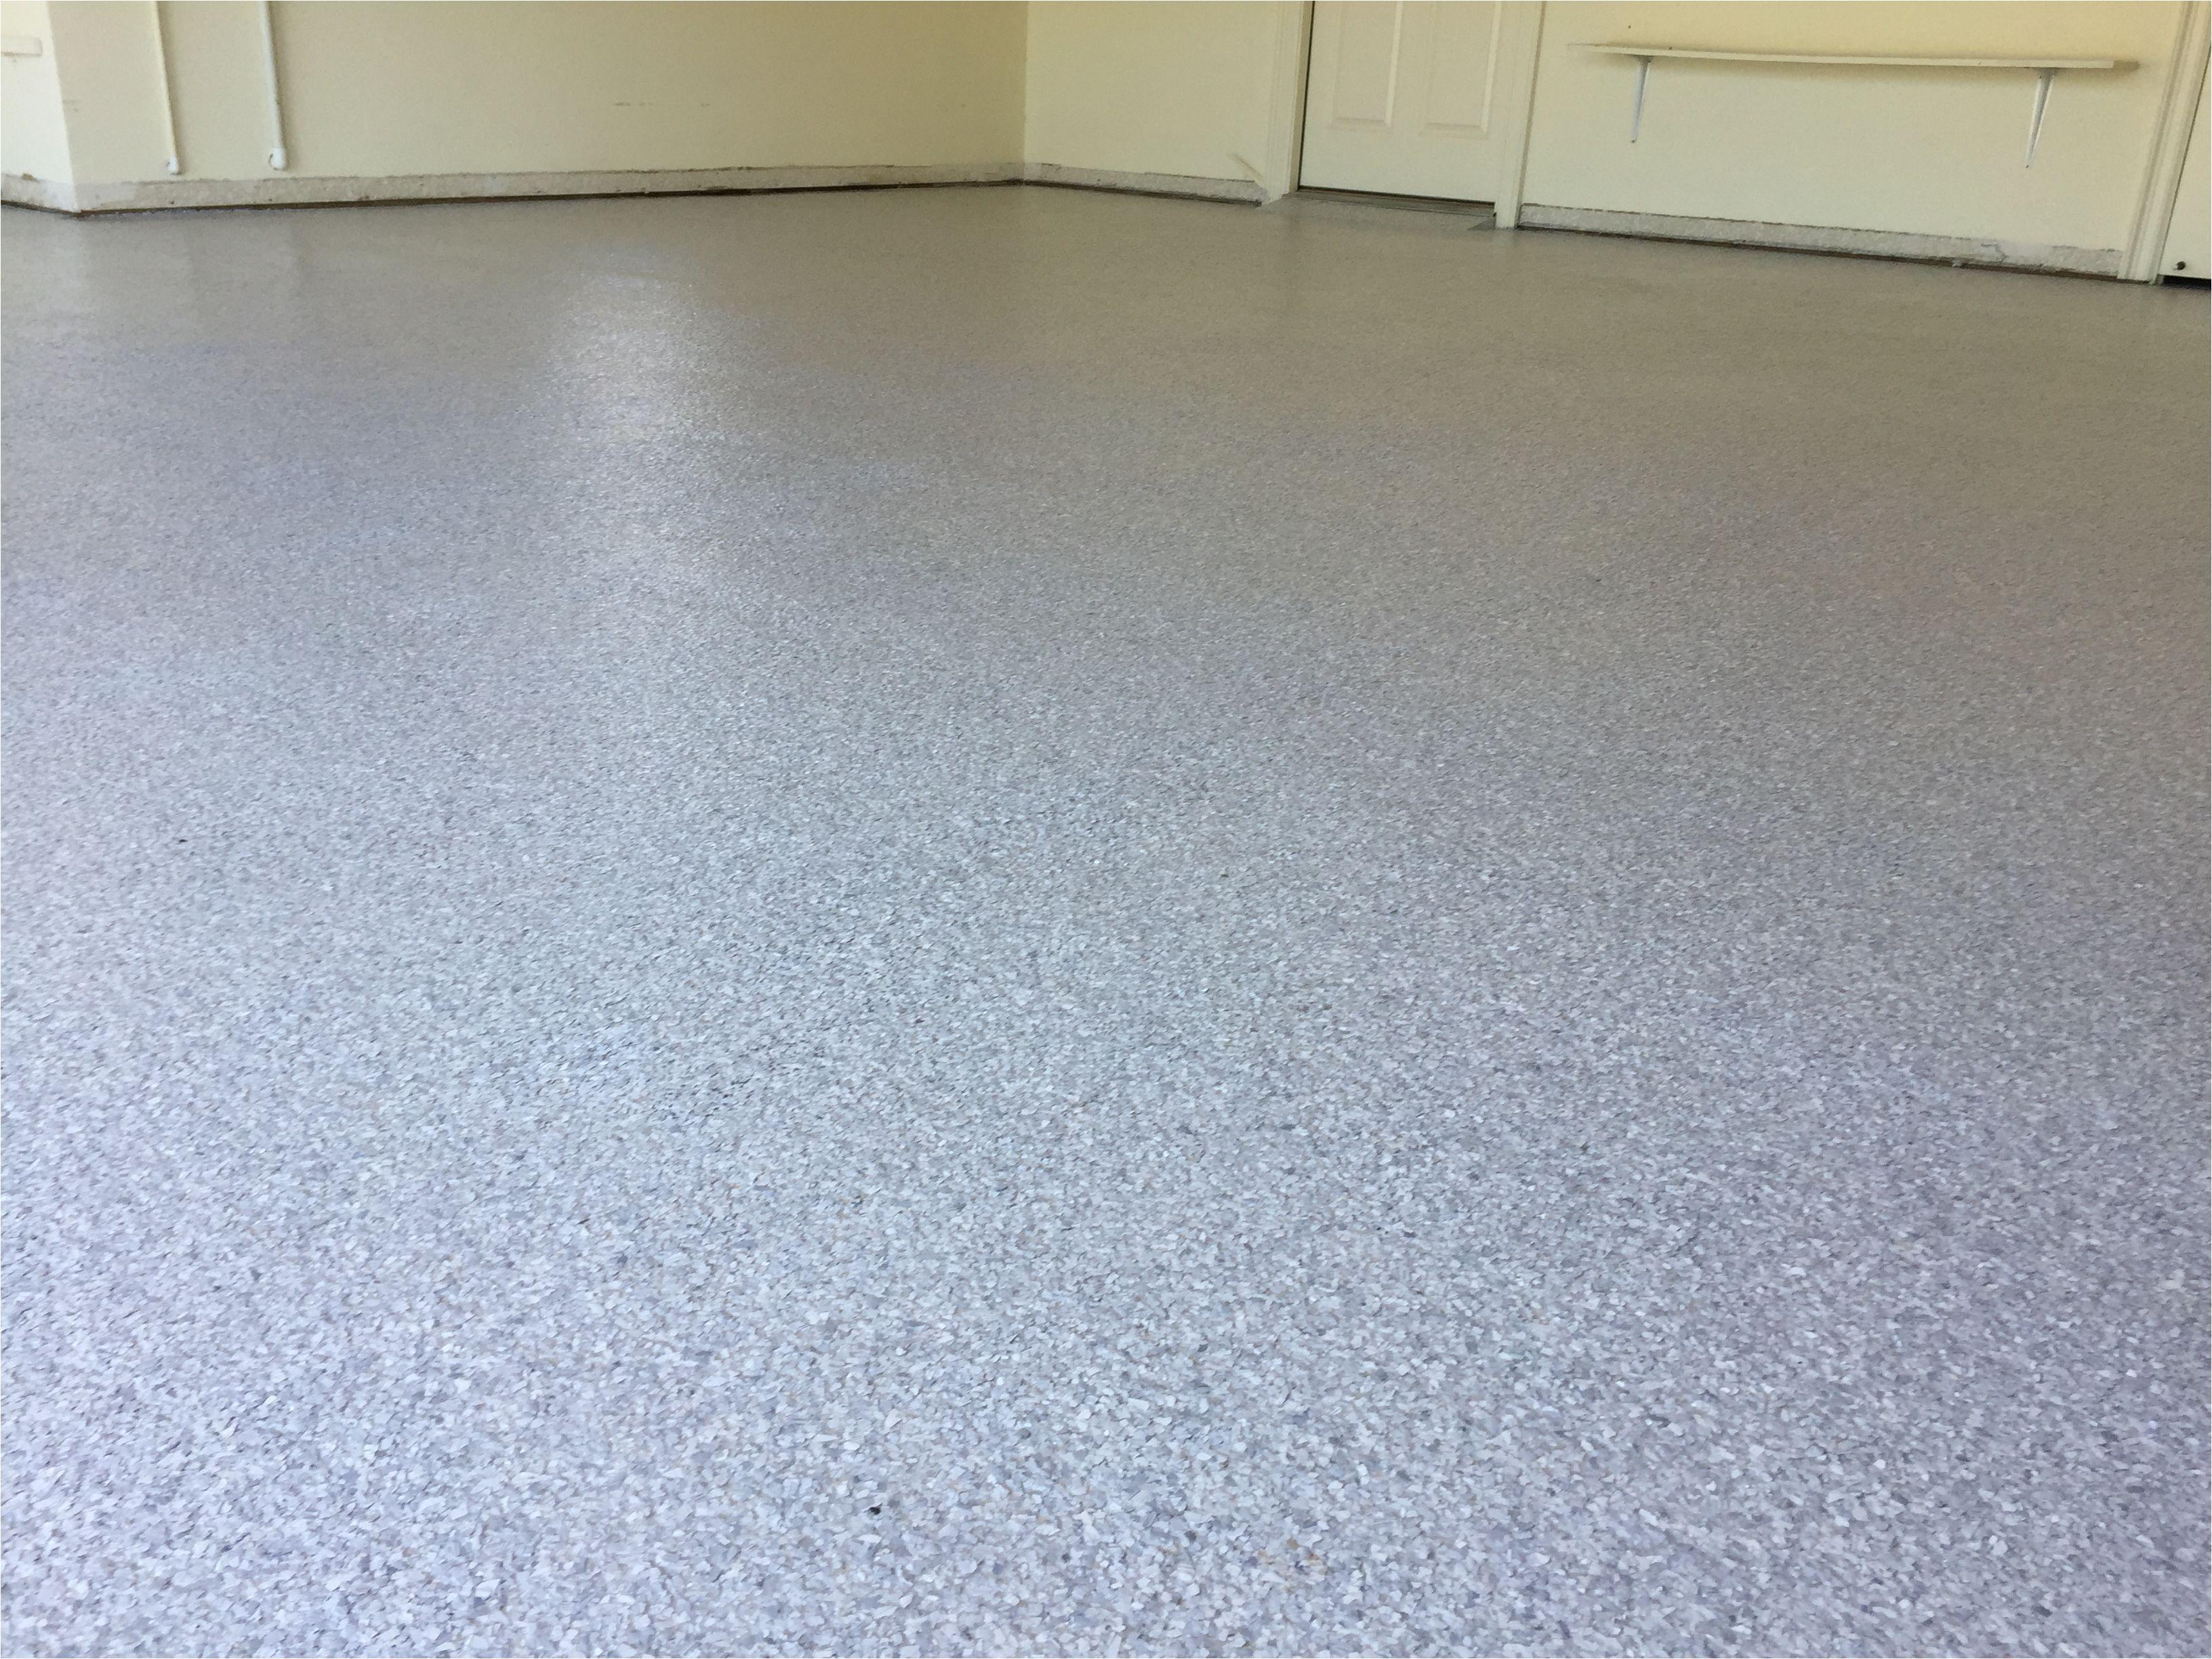 full flake epoxy garage floor coating